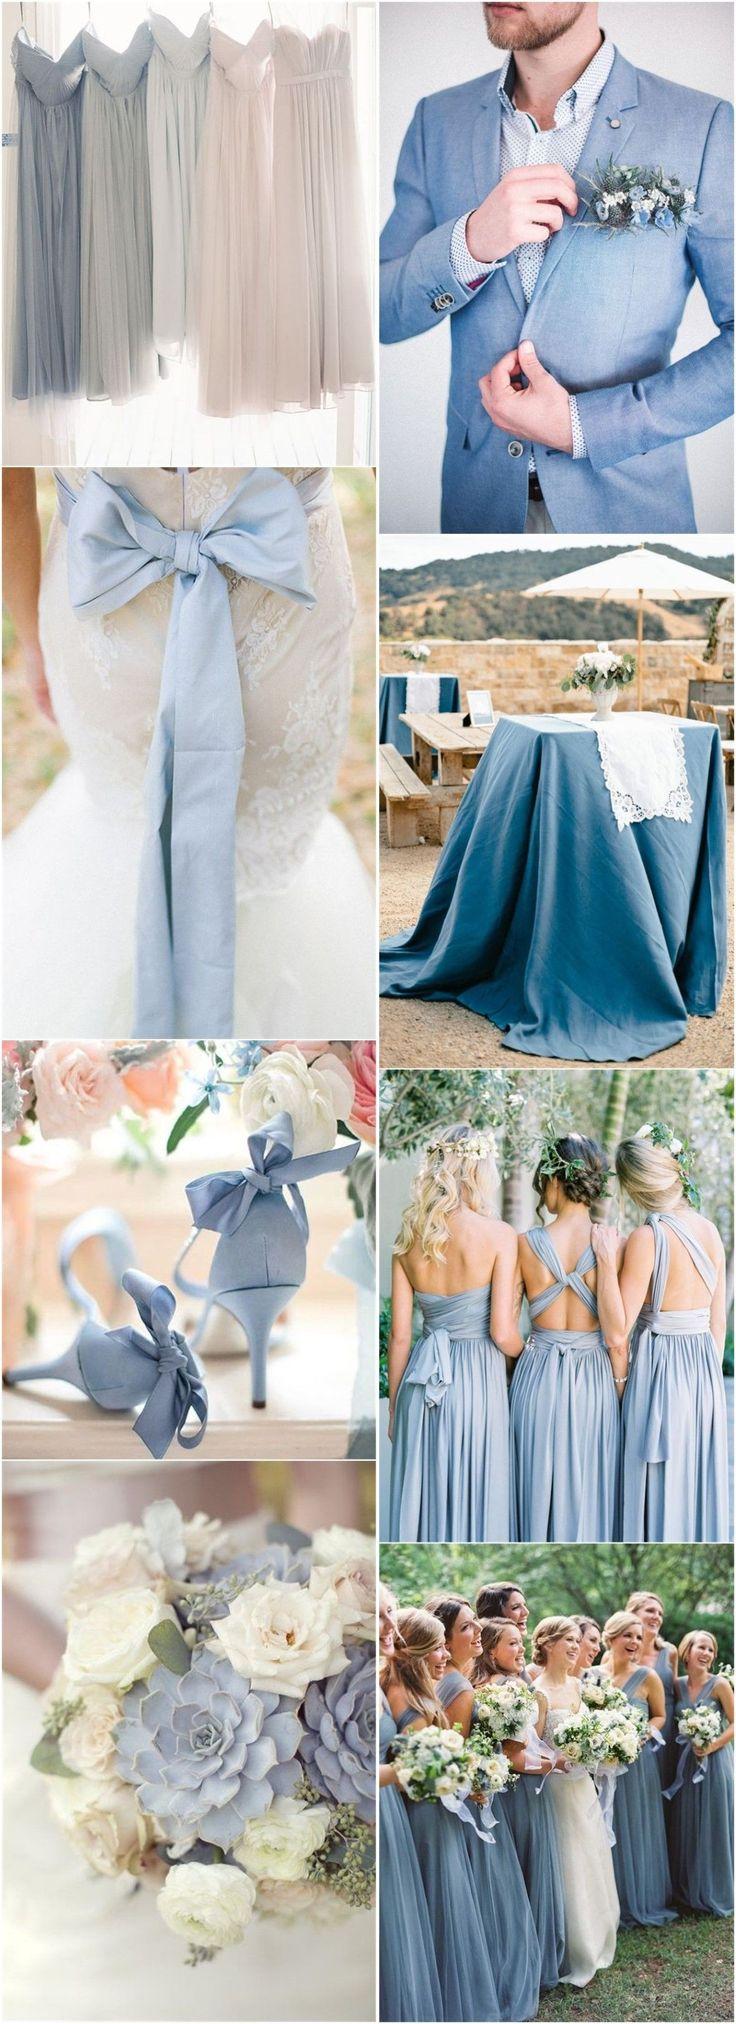 Best 25+ Dusty blue weddings ideas on Pinterest | Dusty ...